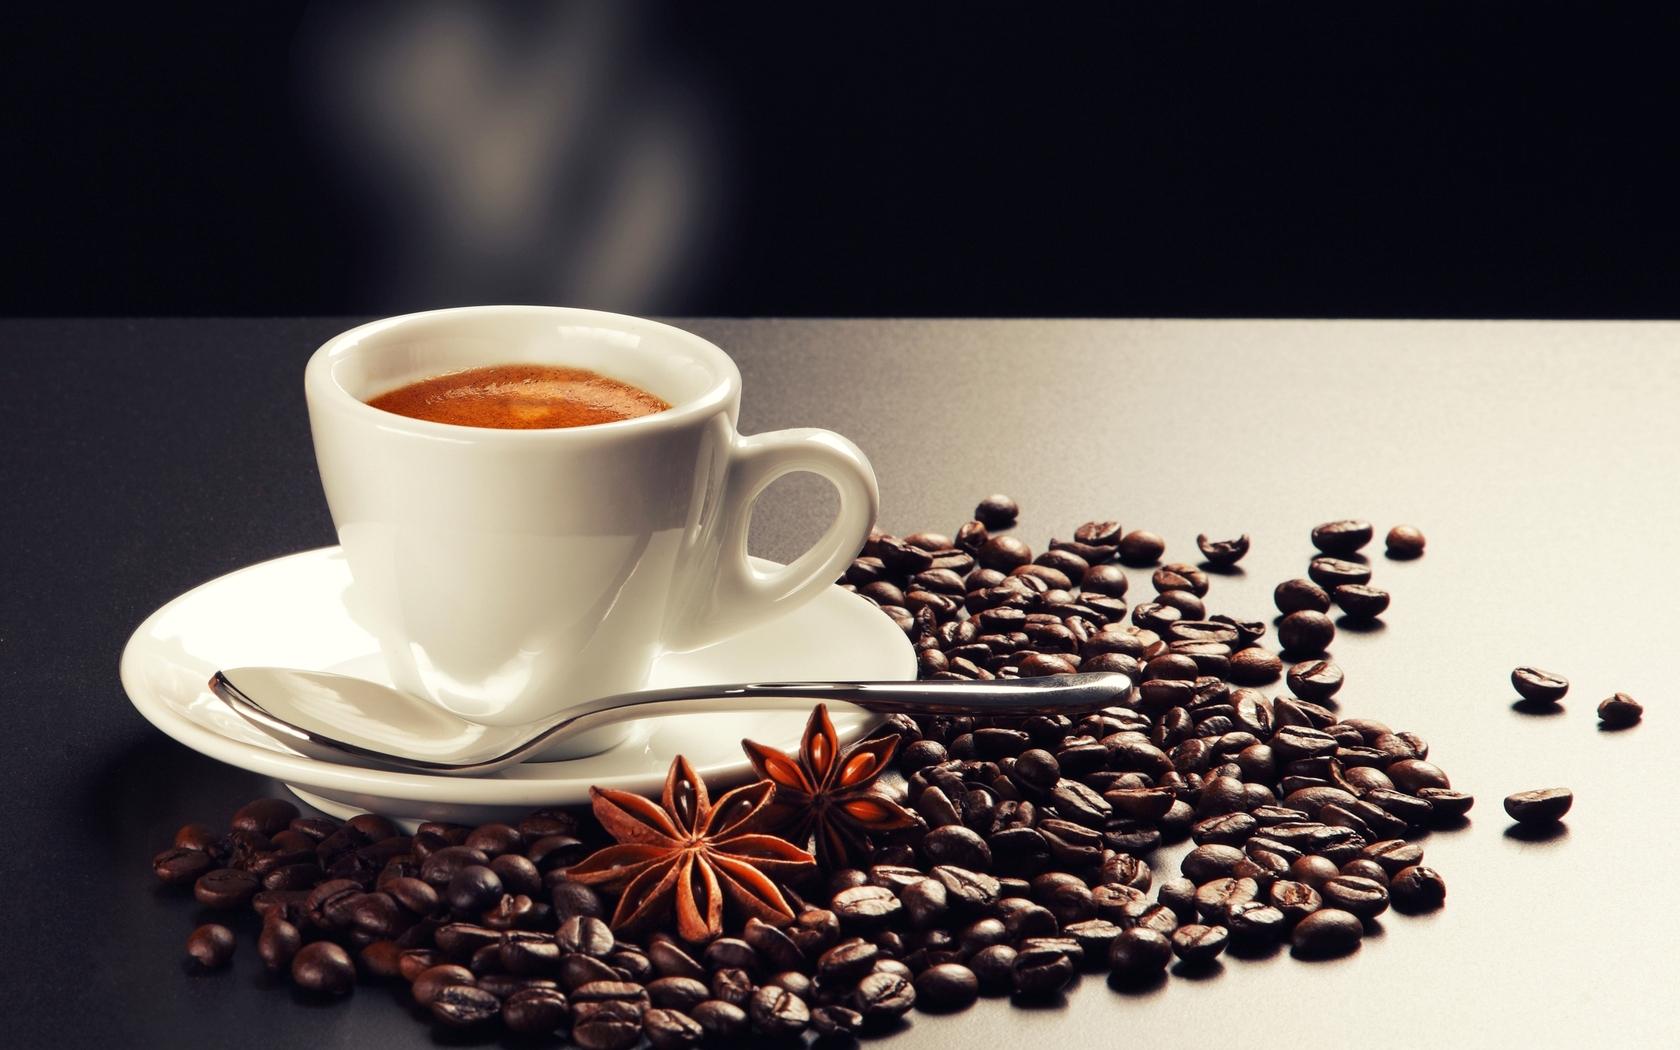 عکس های فوق العده زیبا با موضوع قهوه